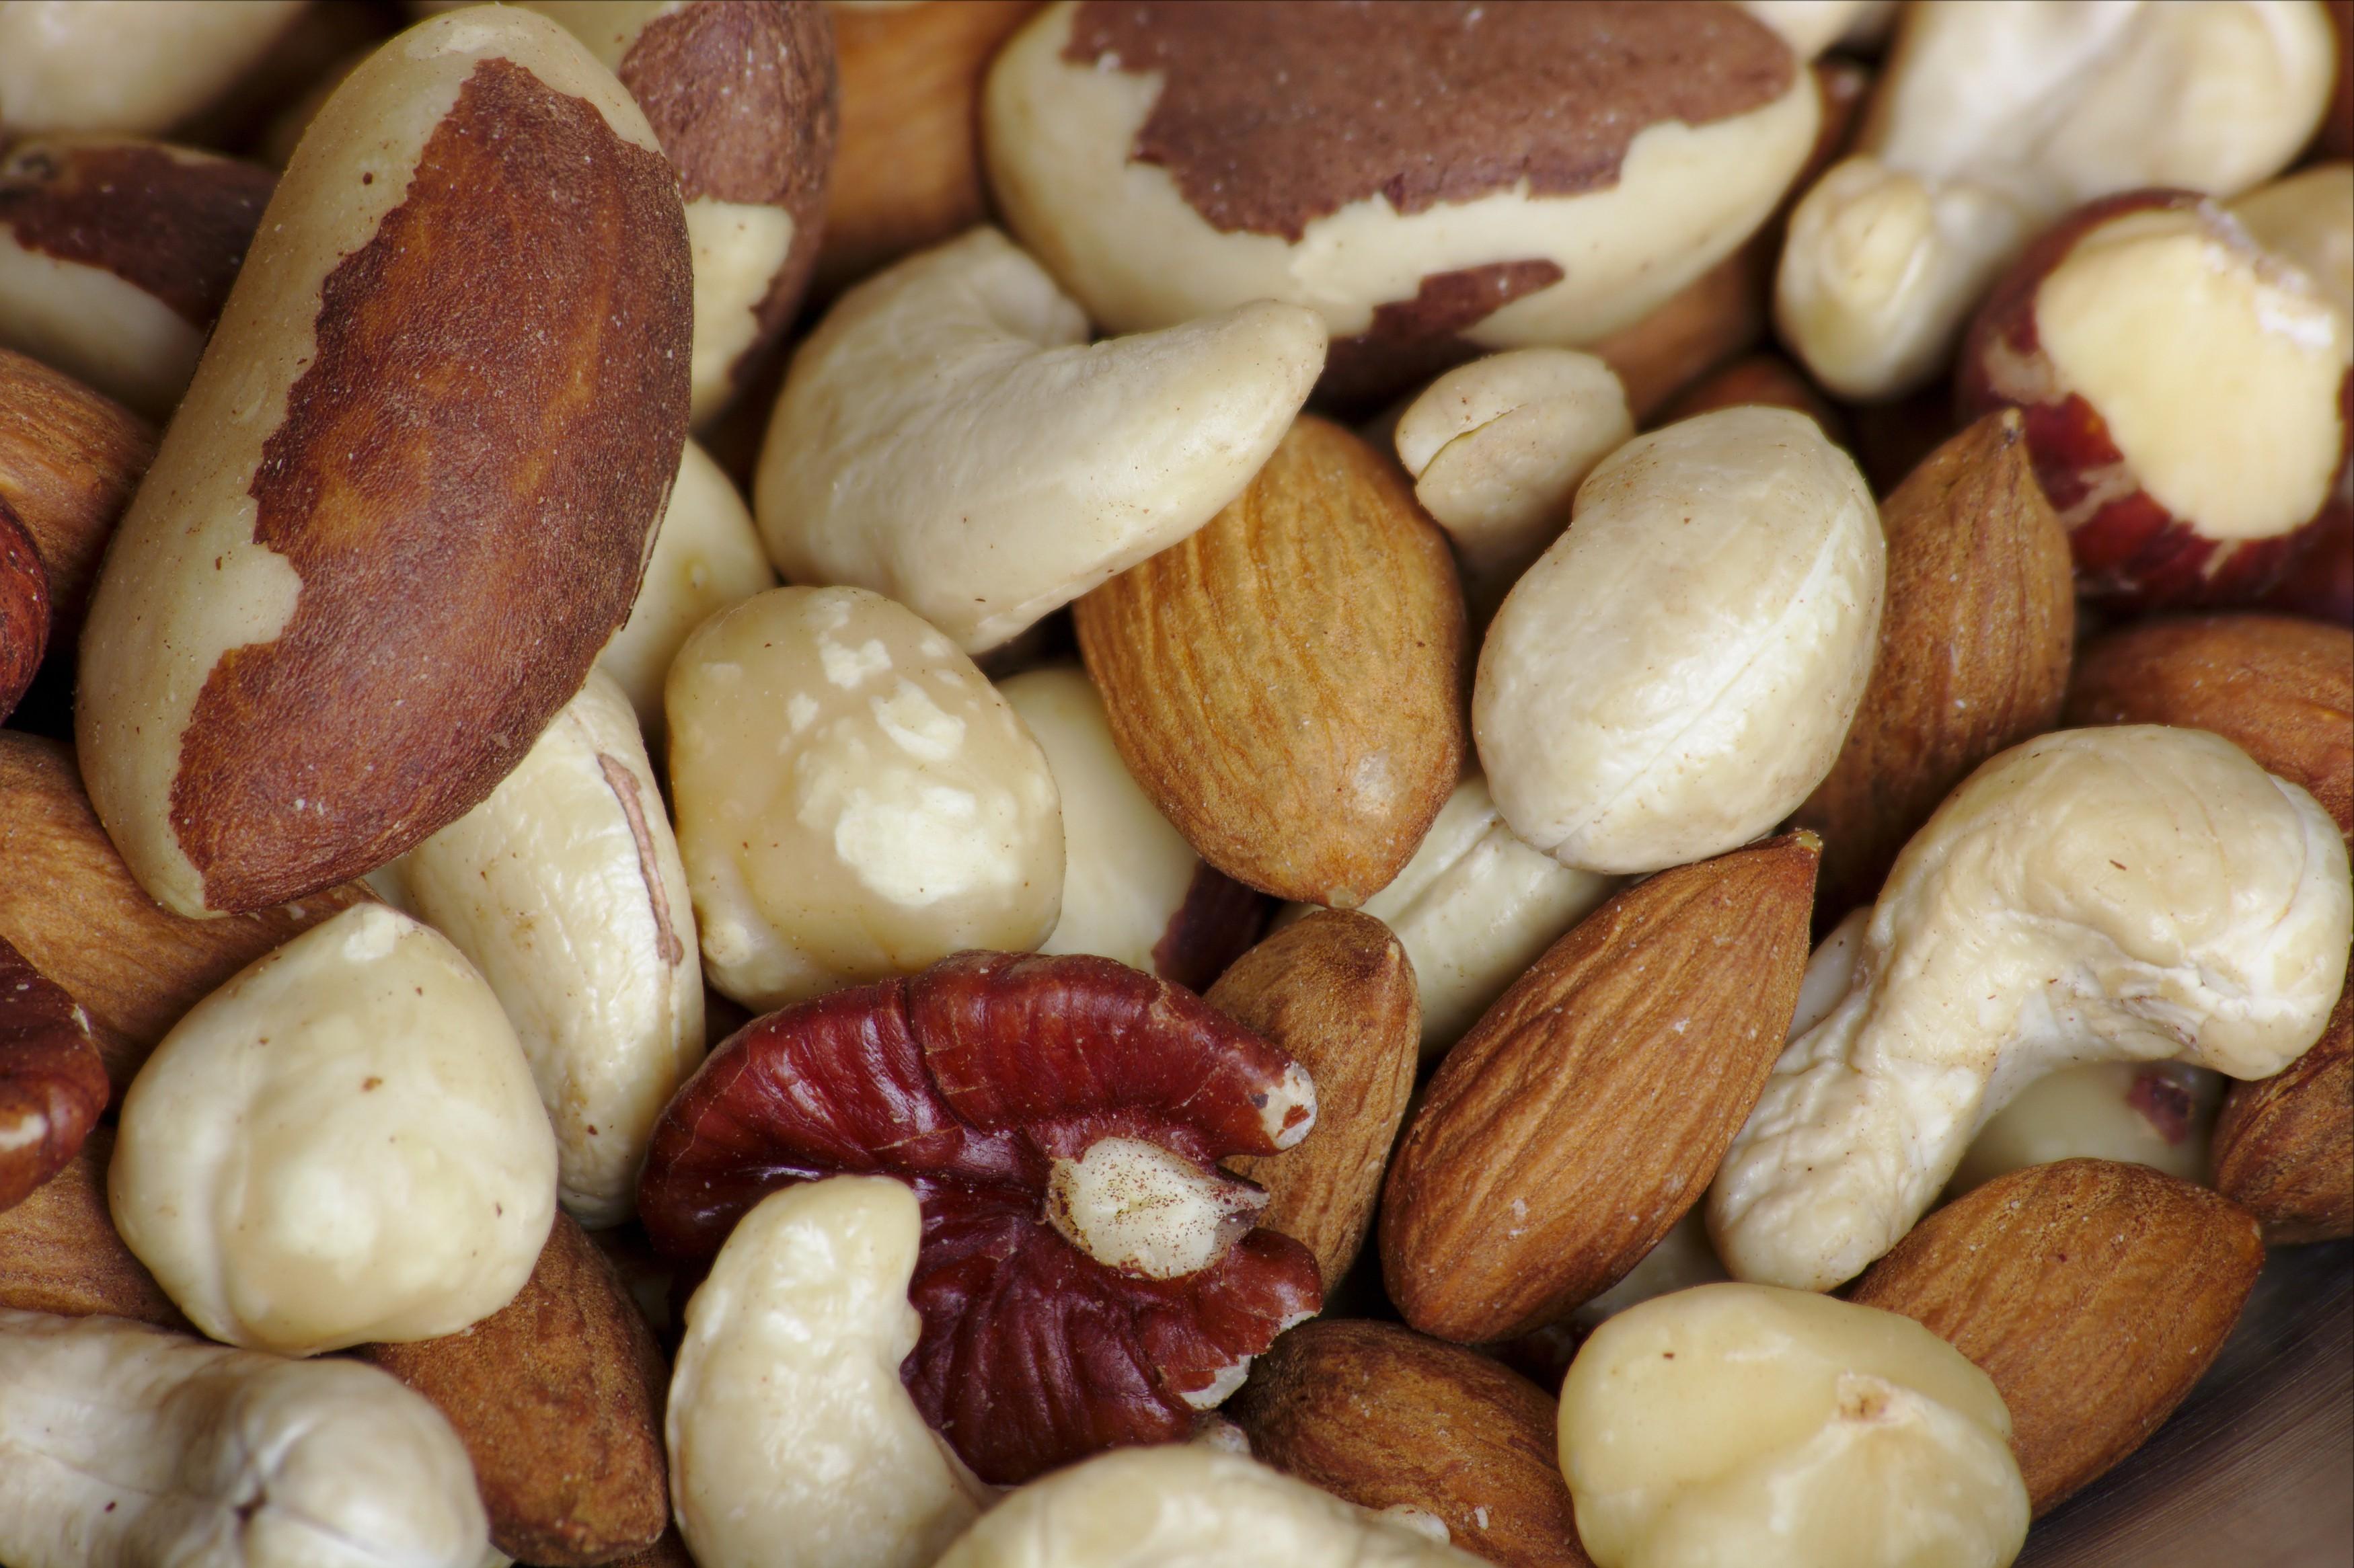 Risultati immagini per nuts